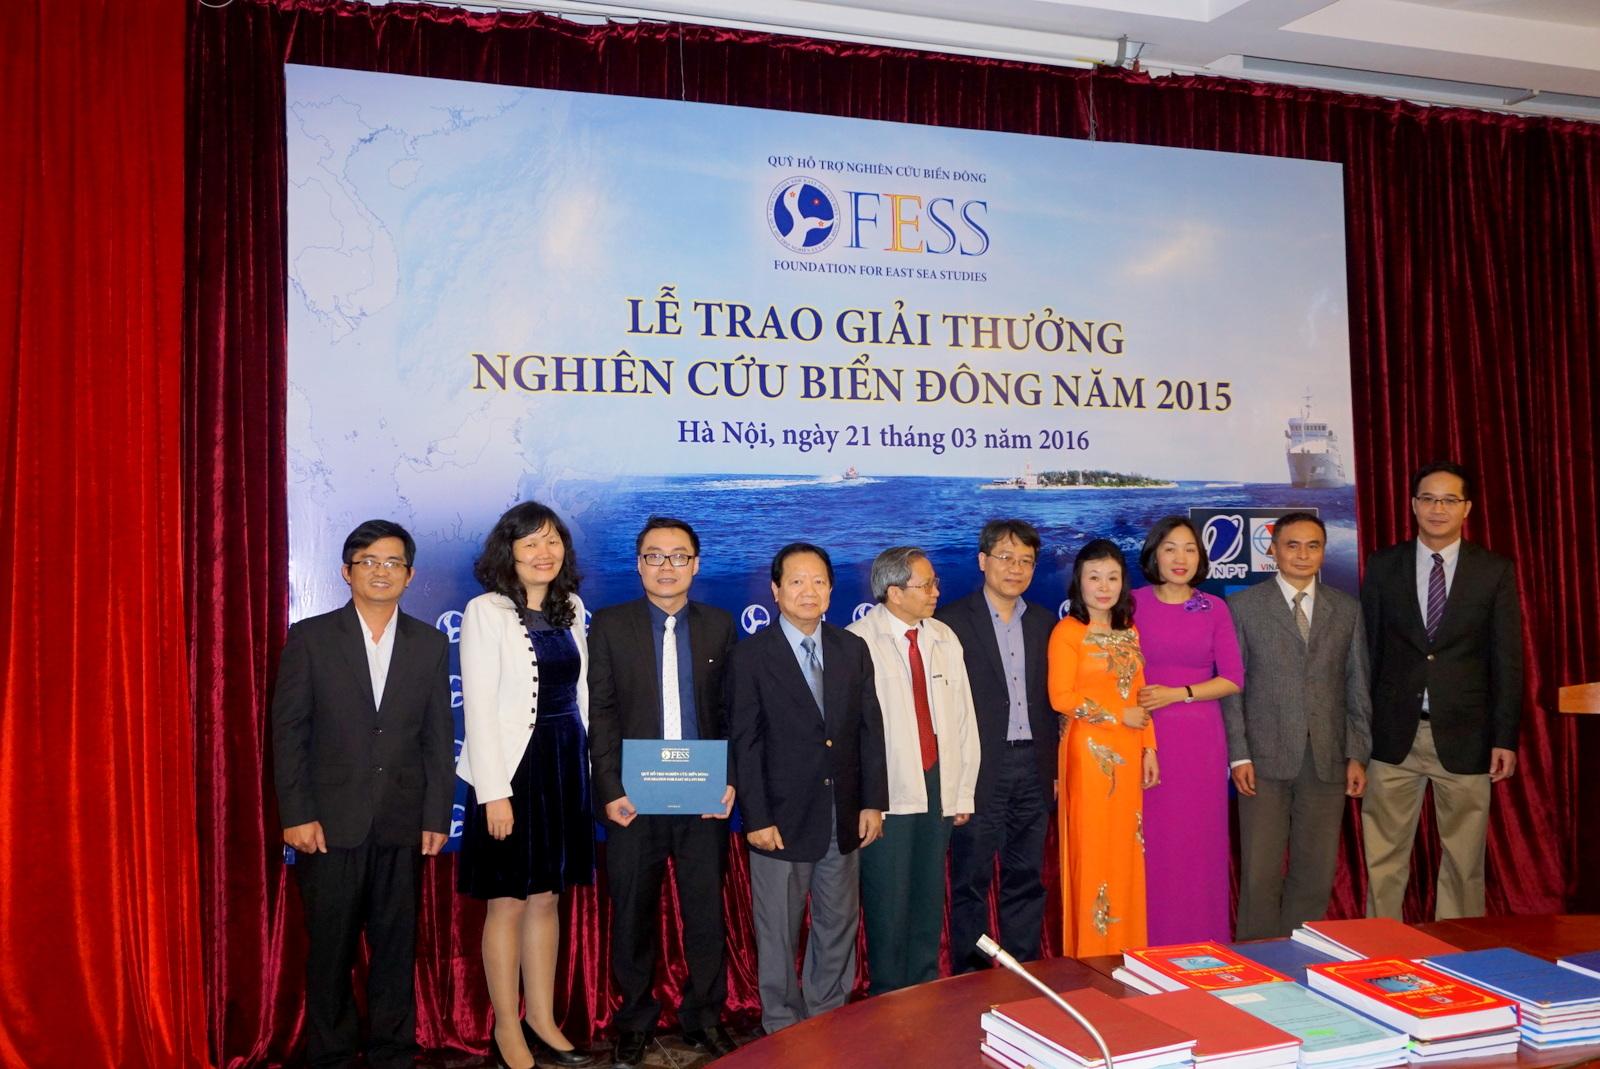 Tiến sĩ Lê Tiến Công (ngoài cùng bên trái) chụp ảnh lưu niệm tại lễ trao giải.